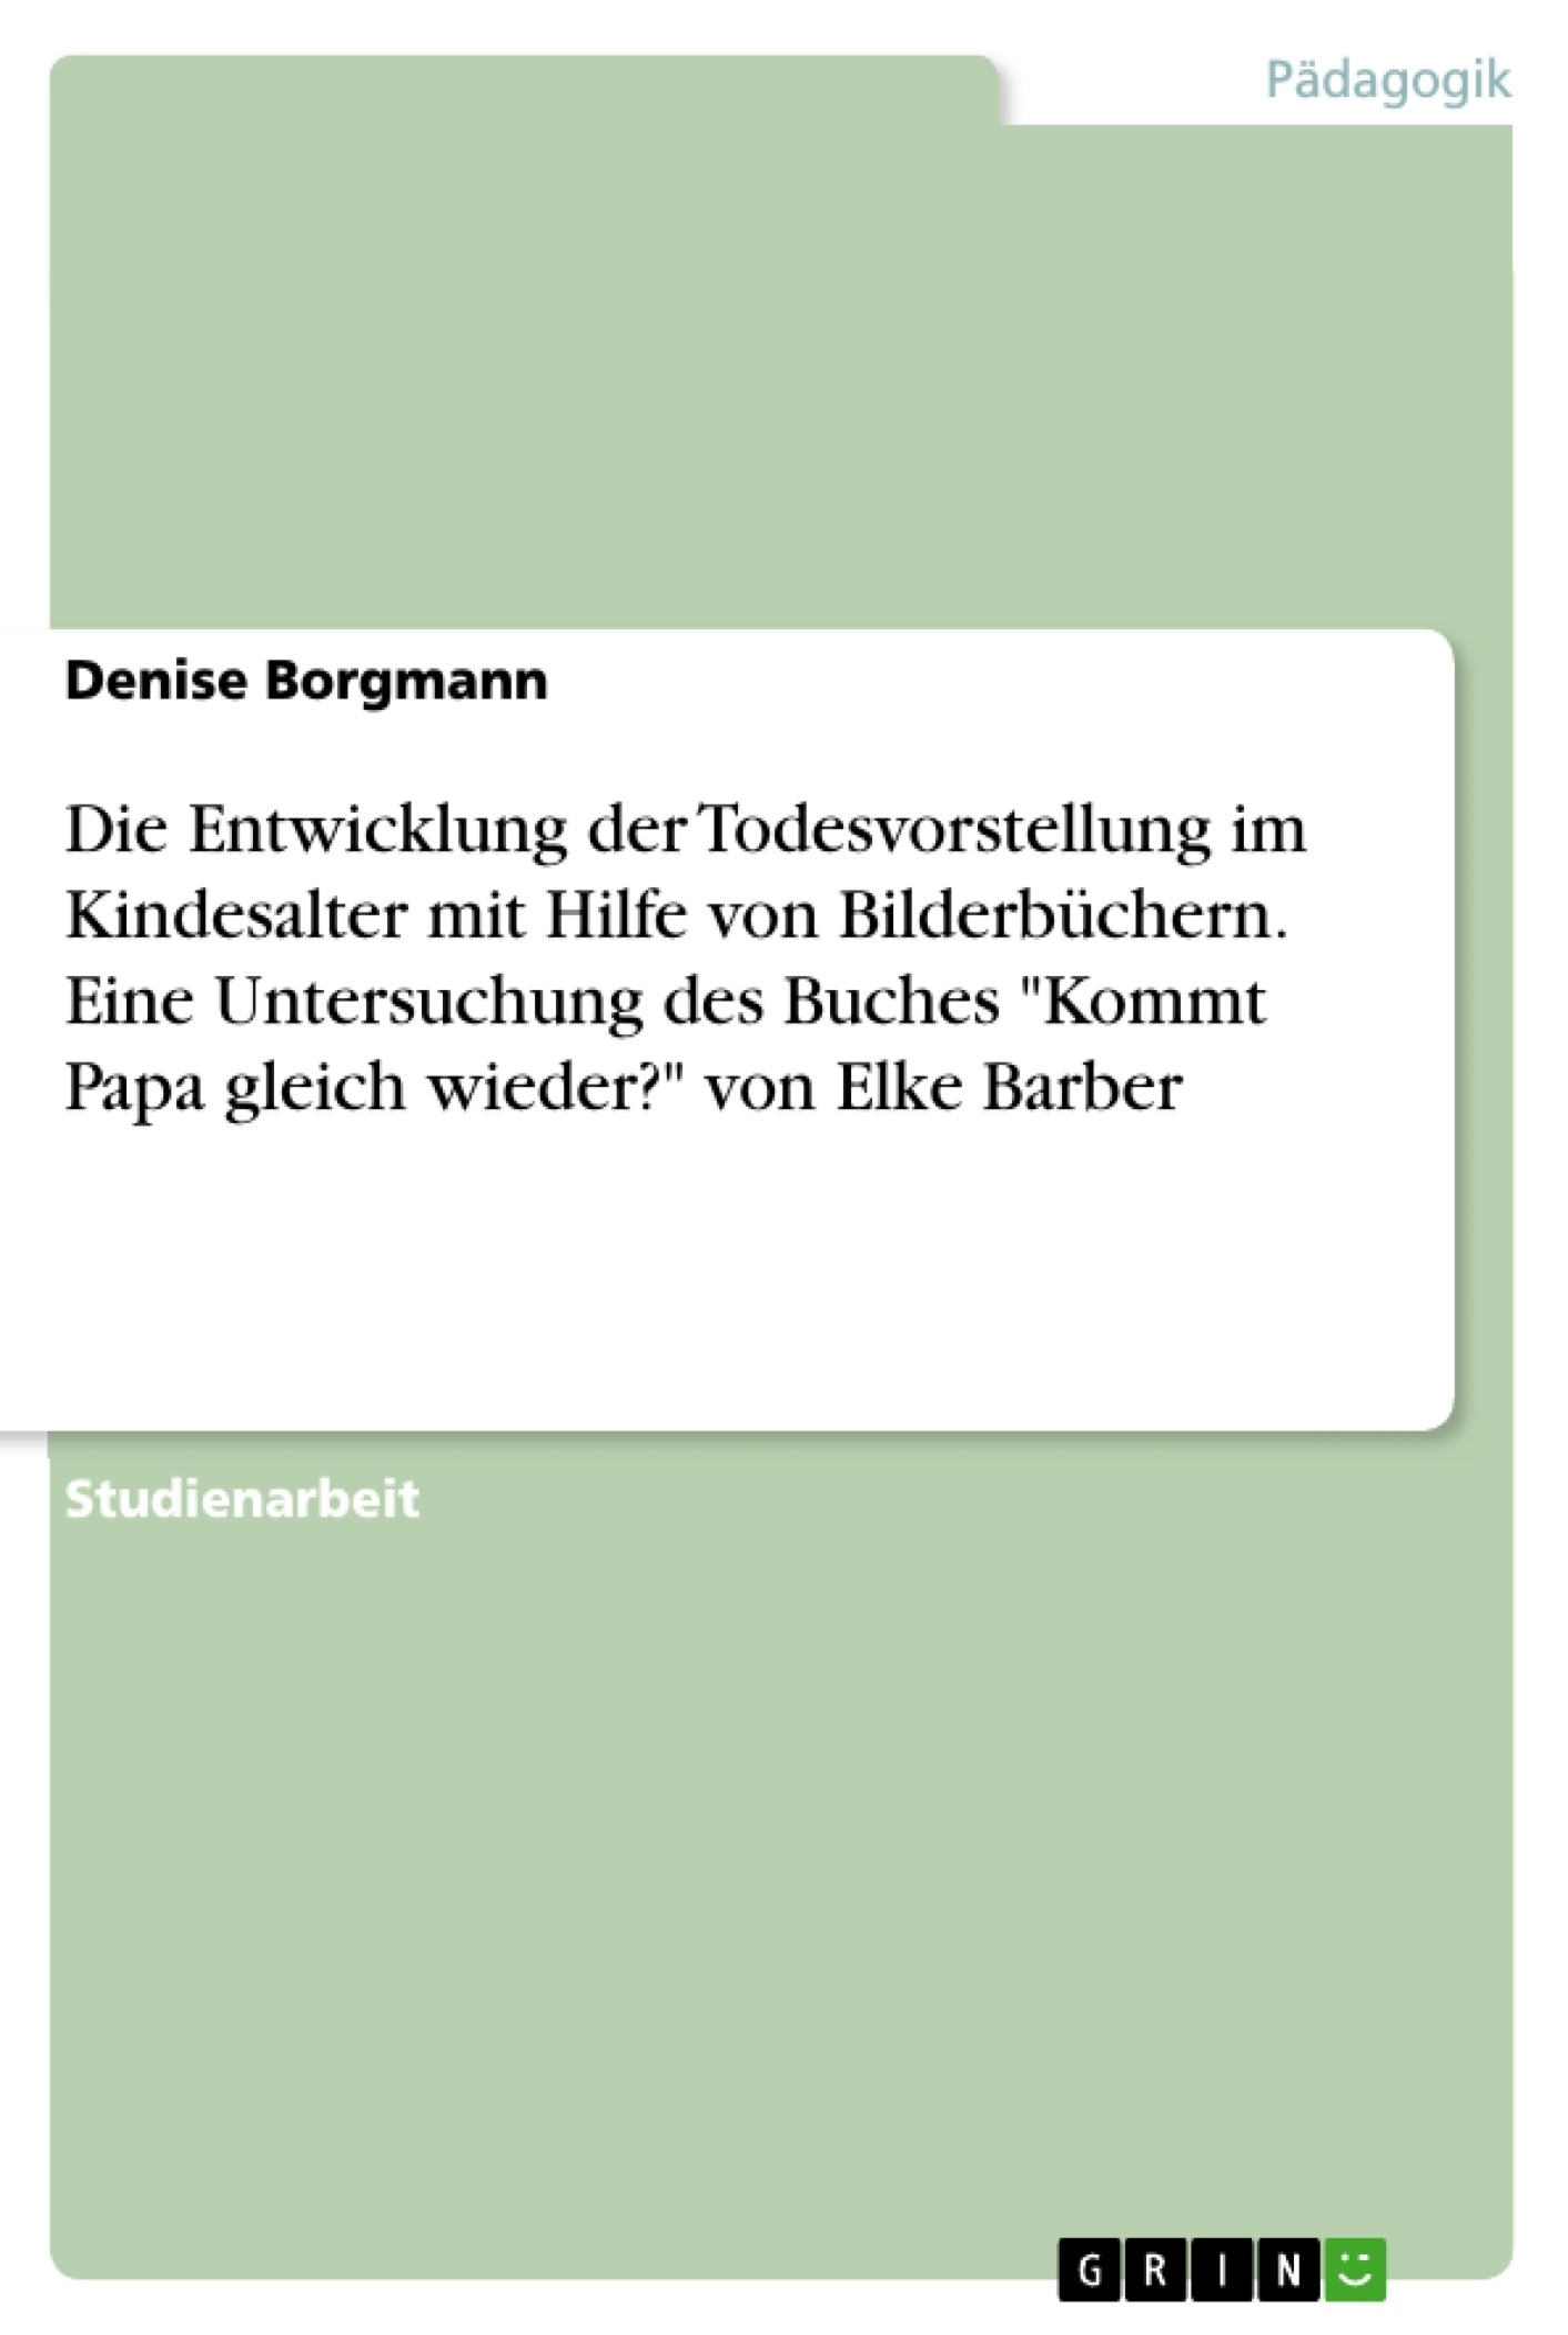 """Titel: Die Entwicklung der Todesvorstellung im Kindesalter mit Hilfe von Bilderbüchern. Eine Untersuchung des Buches """"Kommt Papa gleich wieder?"""" von Elke Barber"""